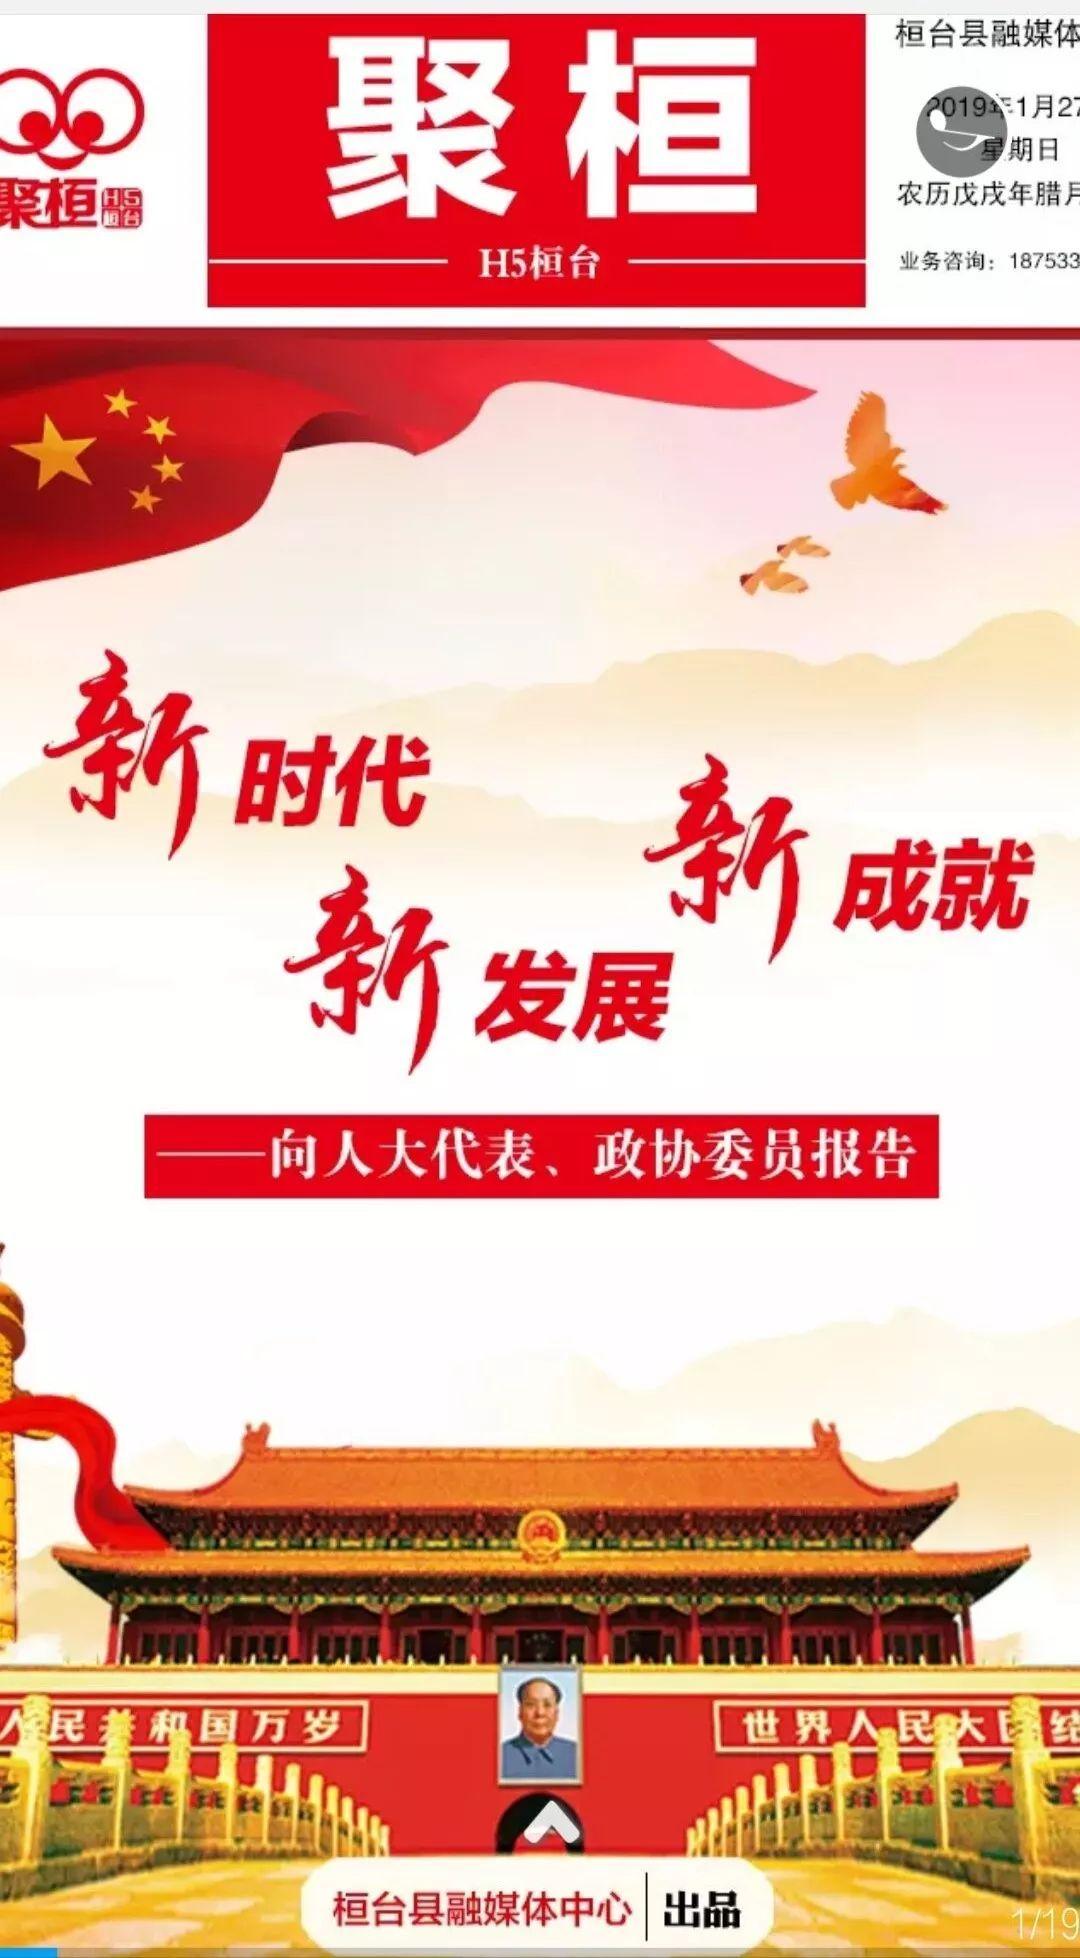 2018年桓台经济总量_经济图片